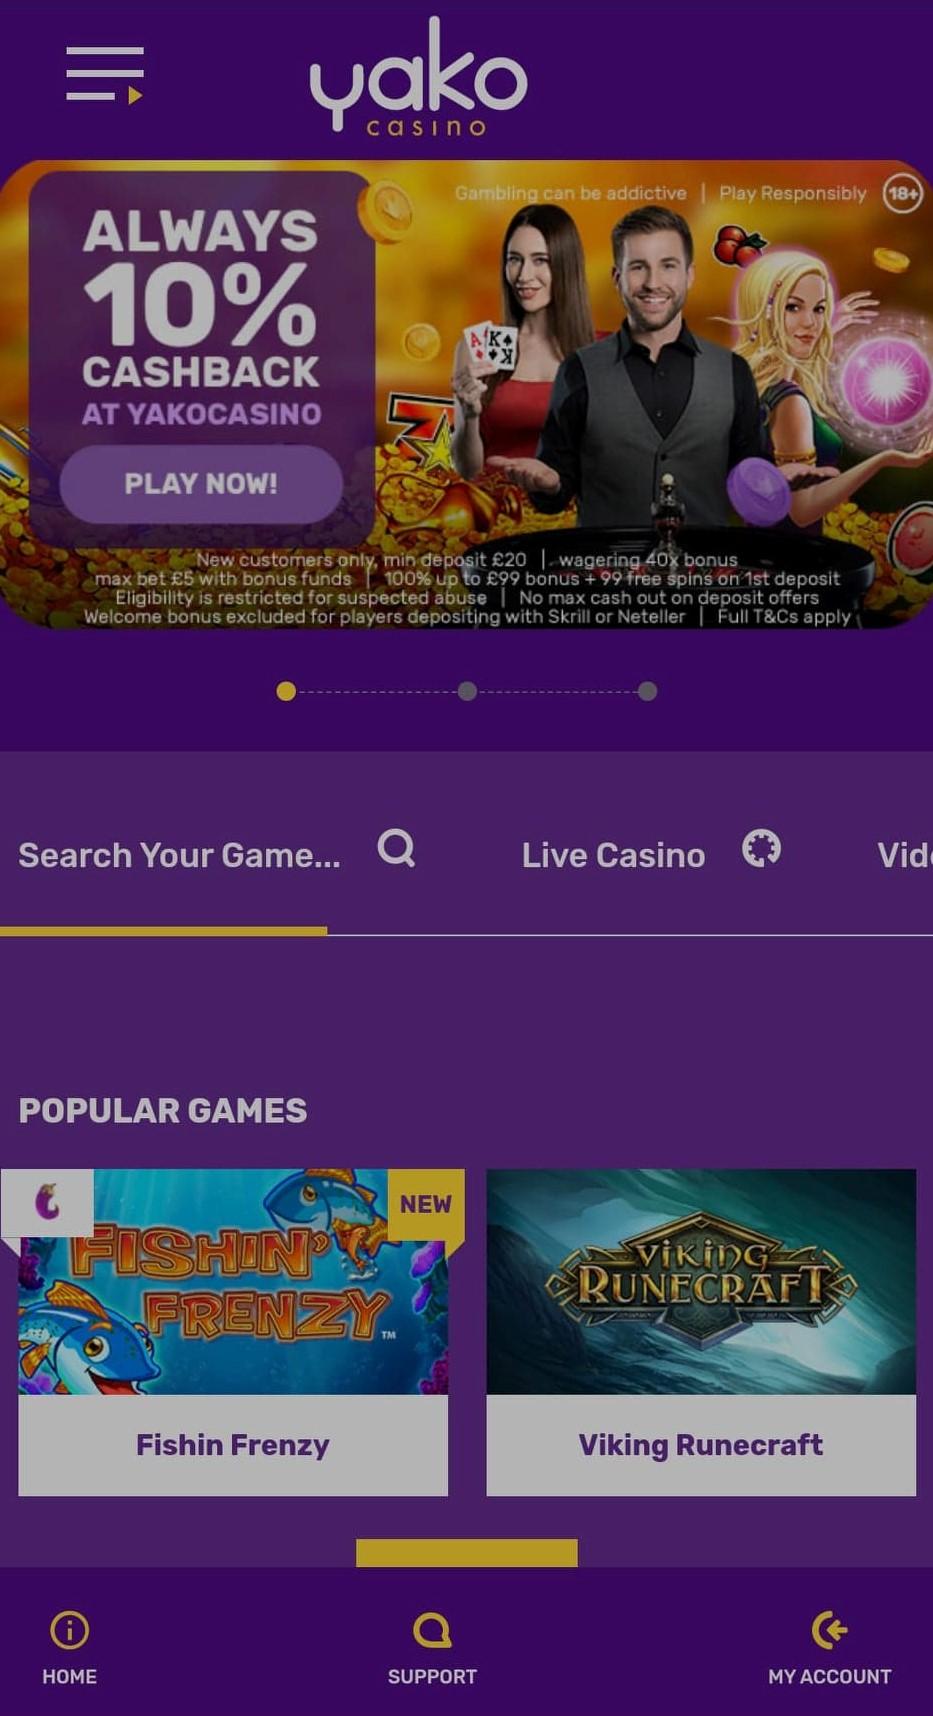 yako casino mobile